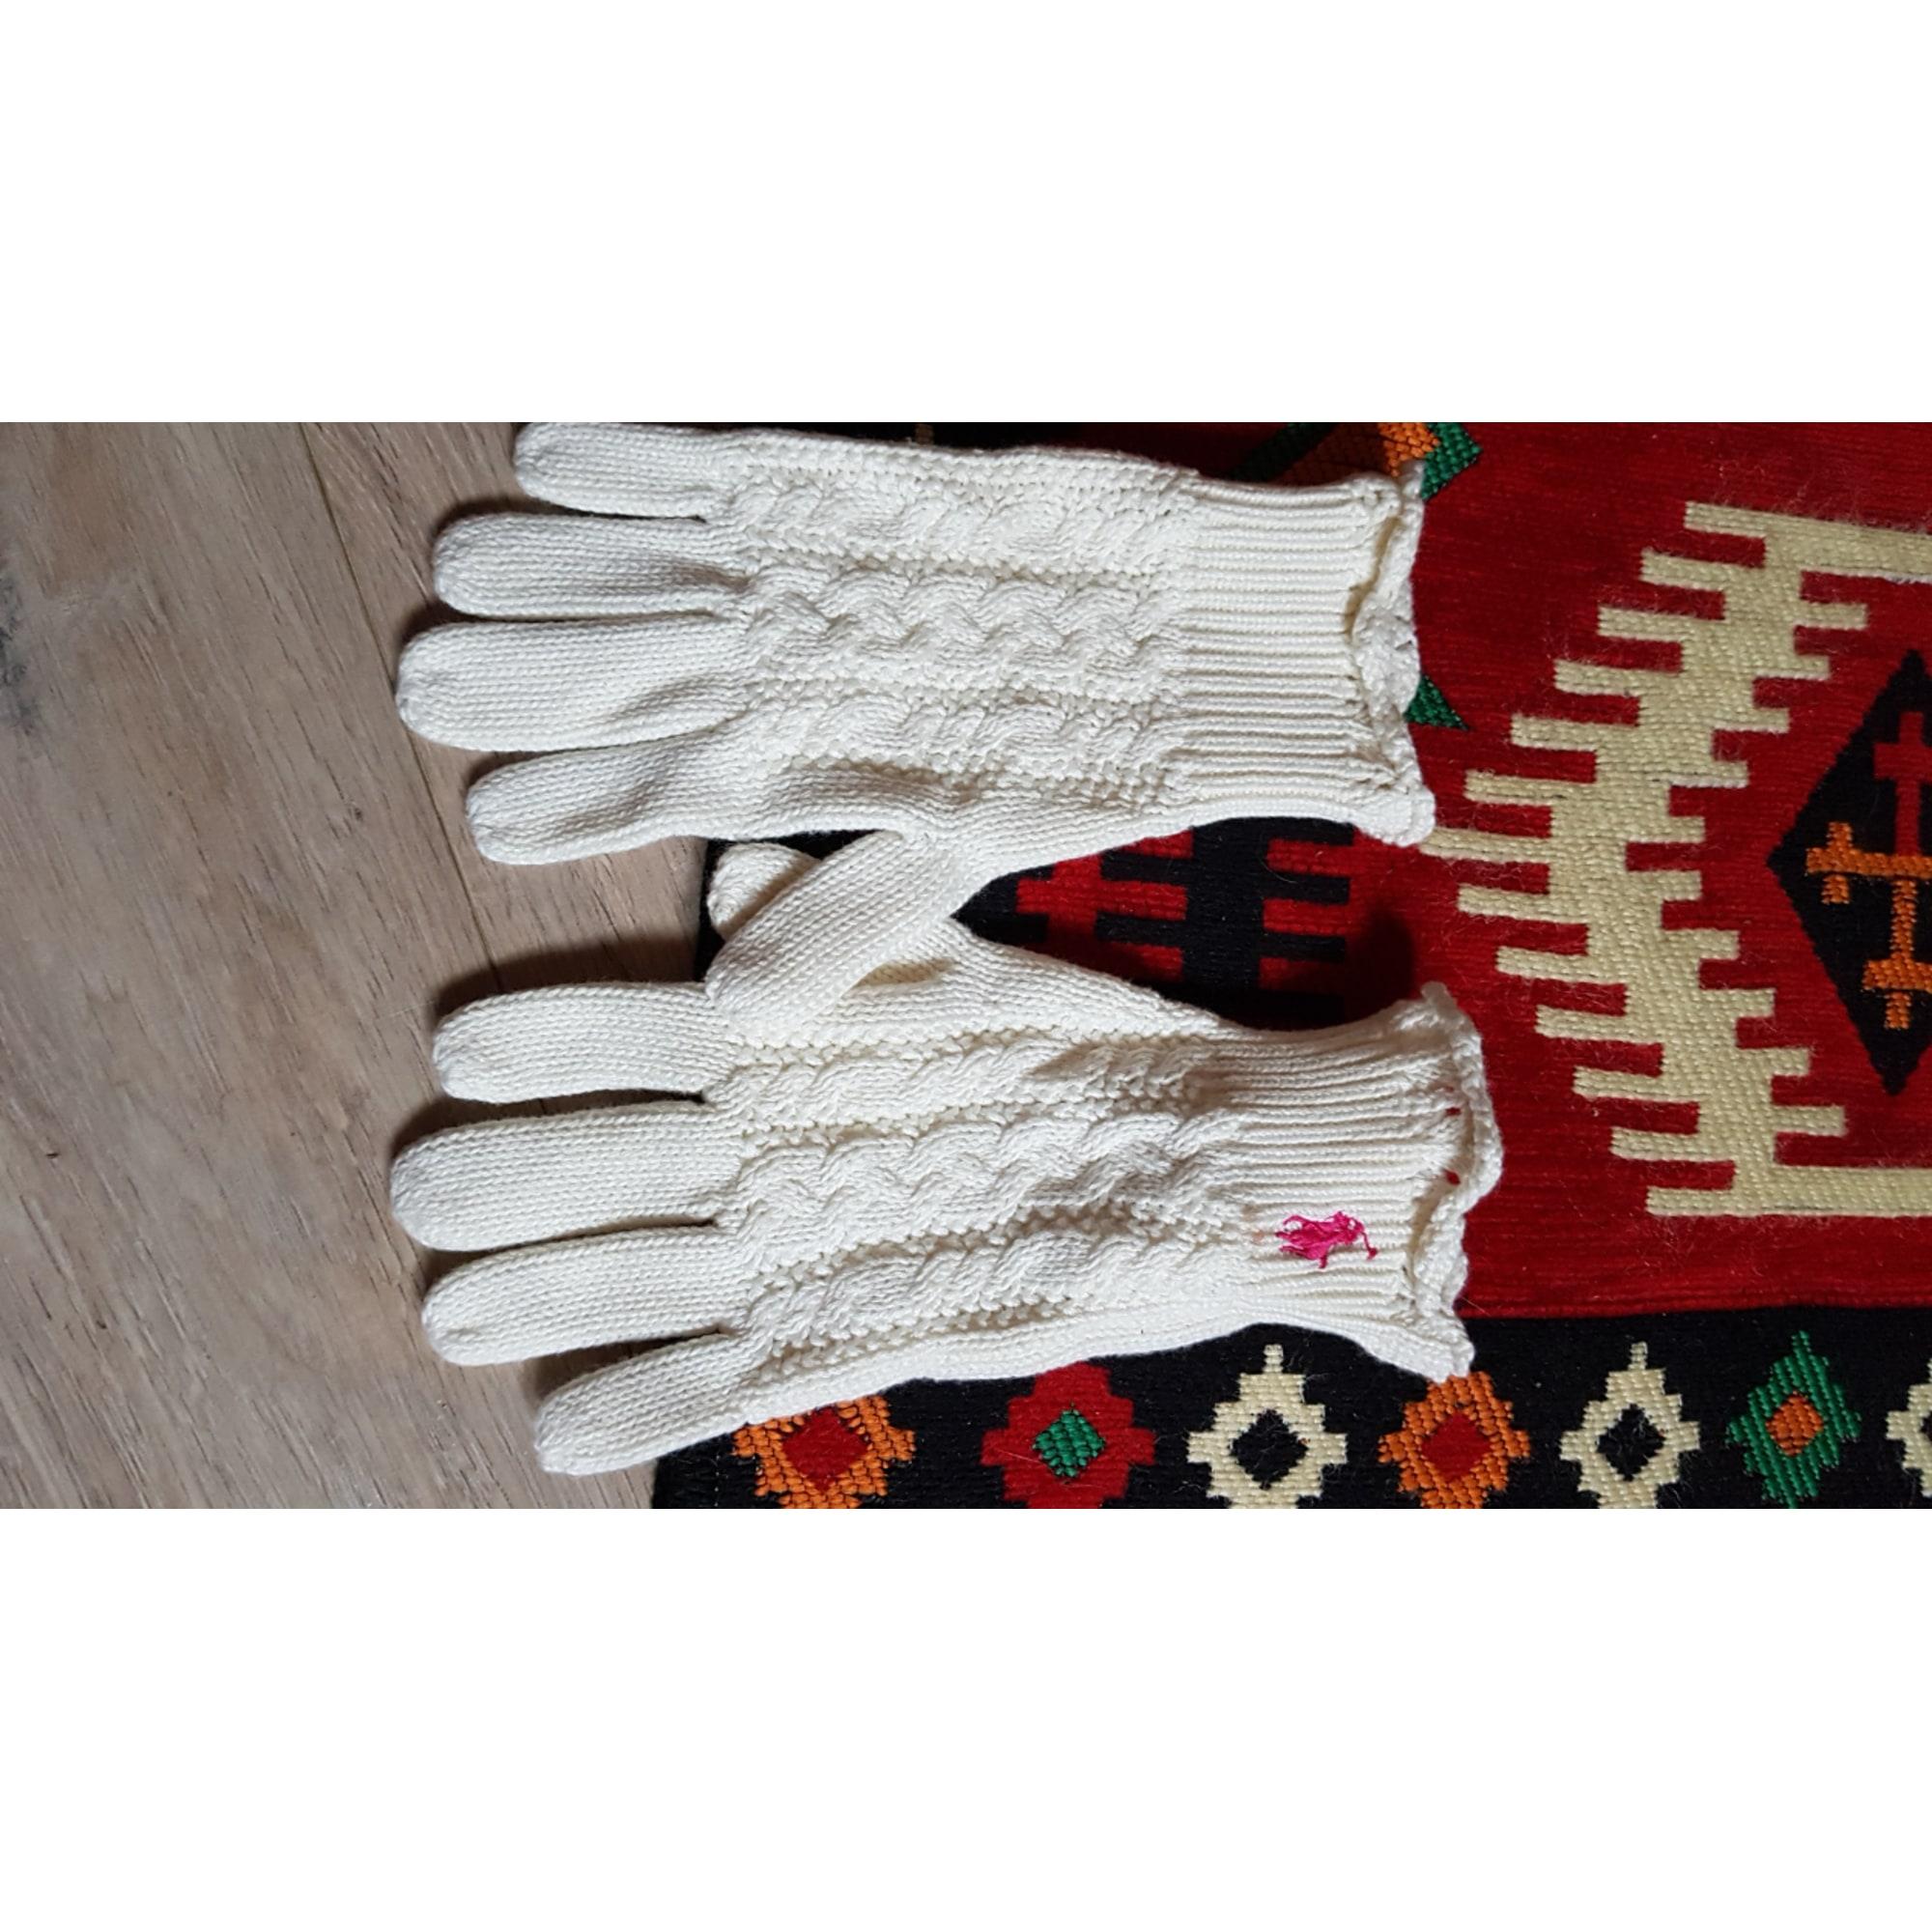 Handschuhe RALPH LAUREN Weiß, elfenbeinfarben